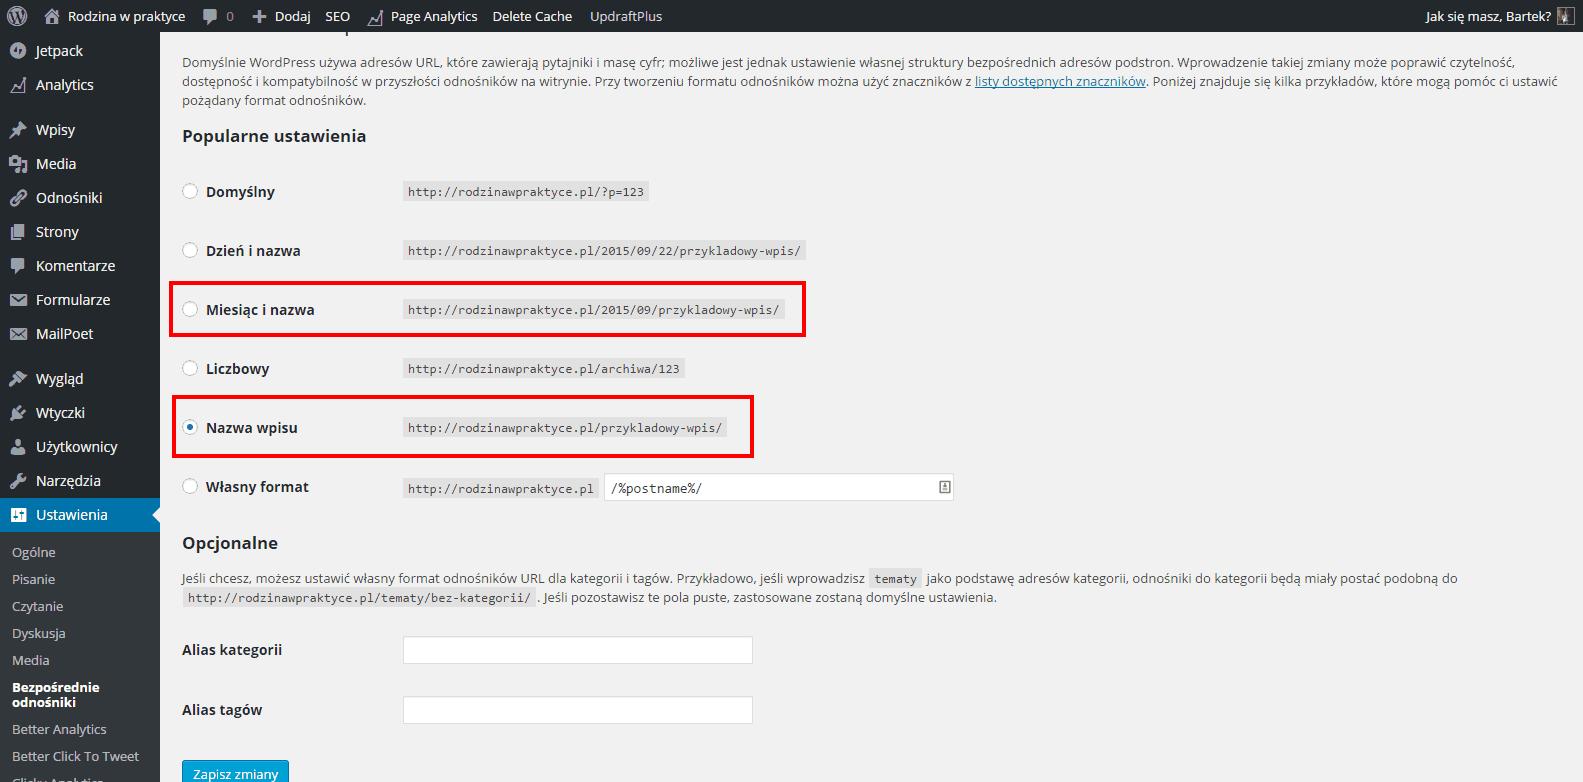 Ustawiania bezpośrednich odnośników w WordPress